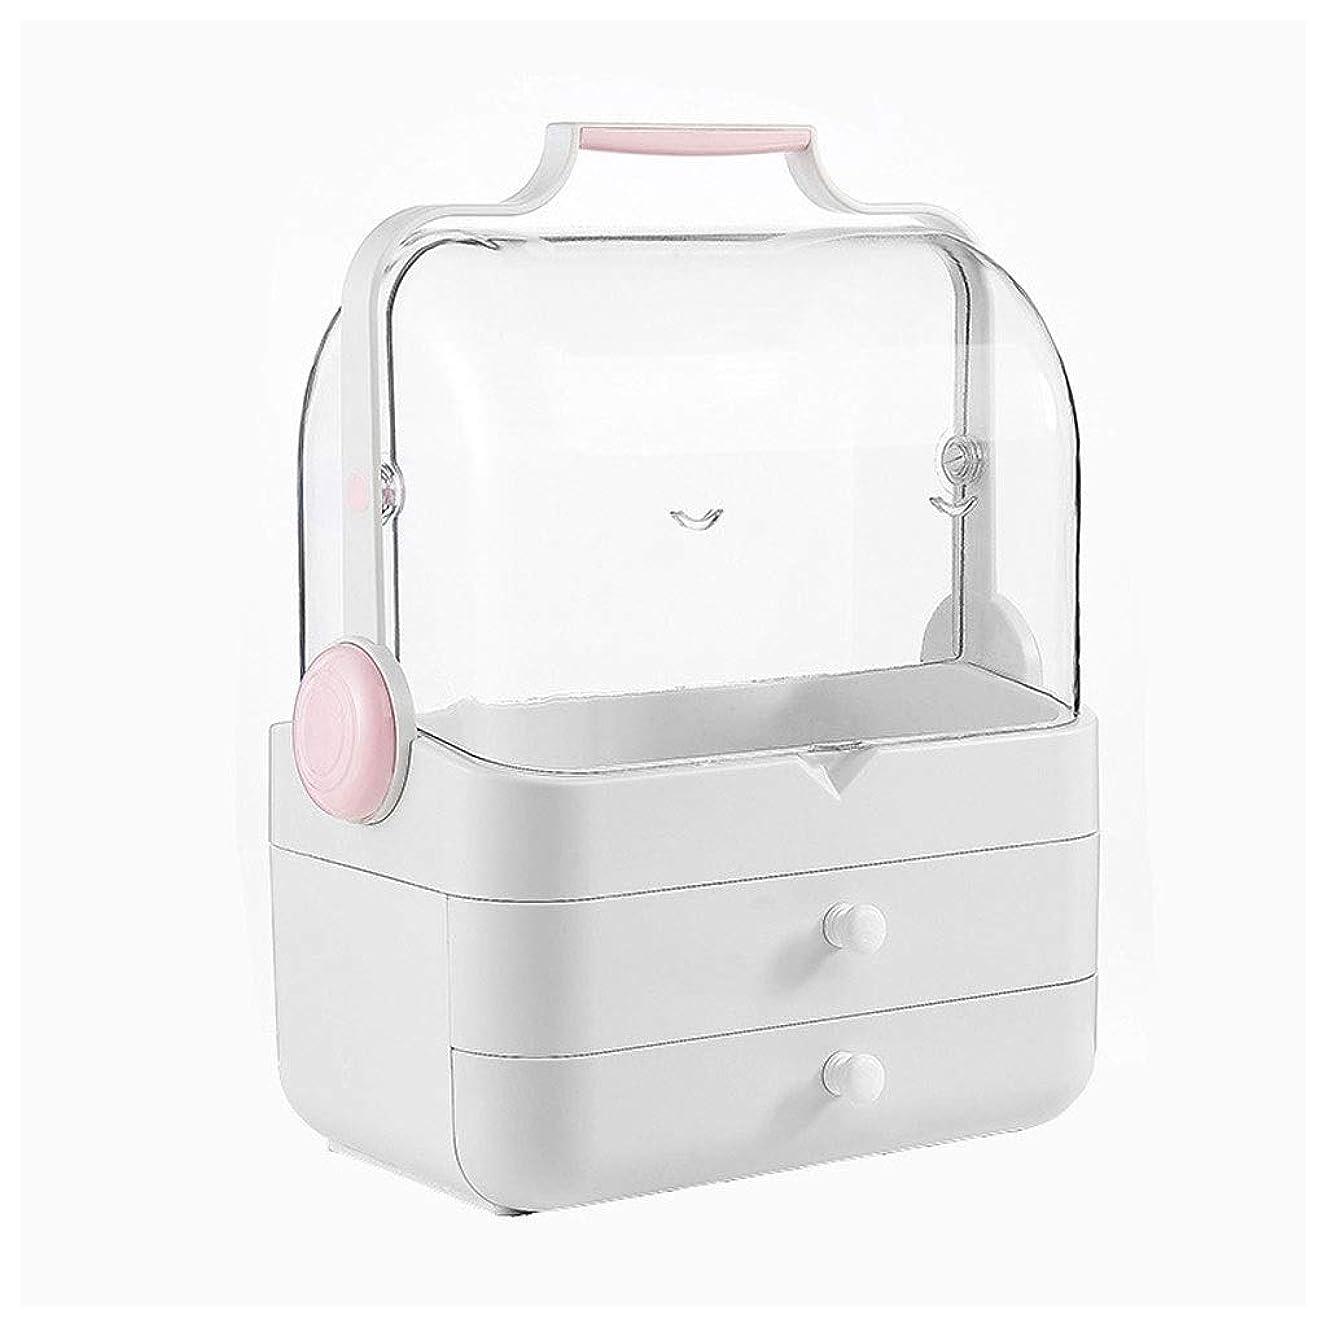 放つ未満汚染するLDG クリア 化粧品収納ボックス、プラスチック ポータブル 大容量 引き出し 蓋 防水 防塵 メイクケース (Color : A)